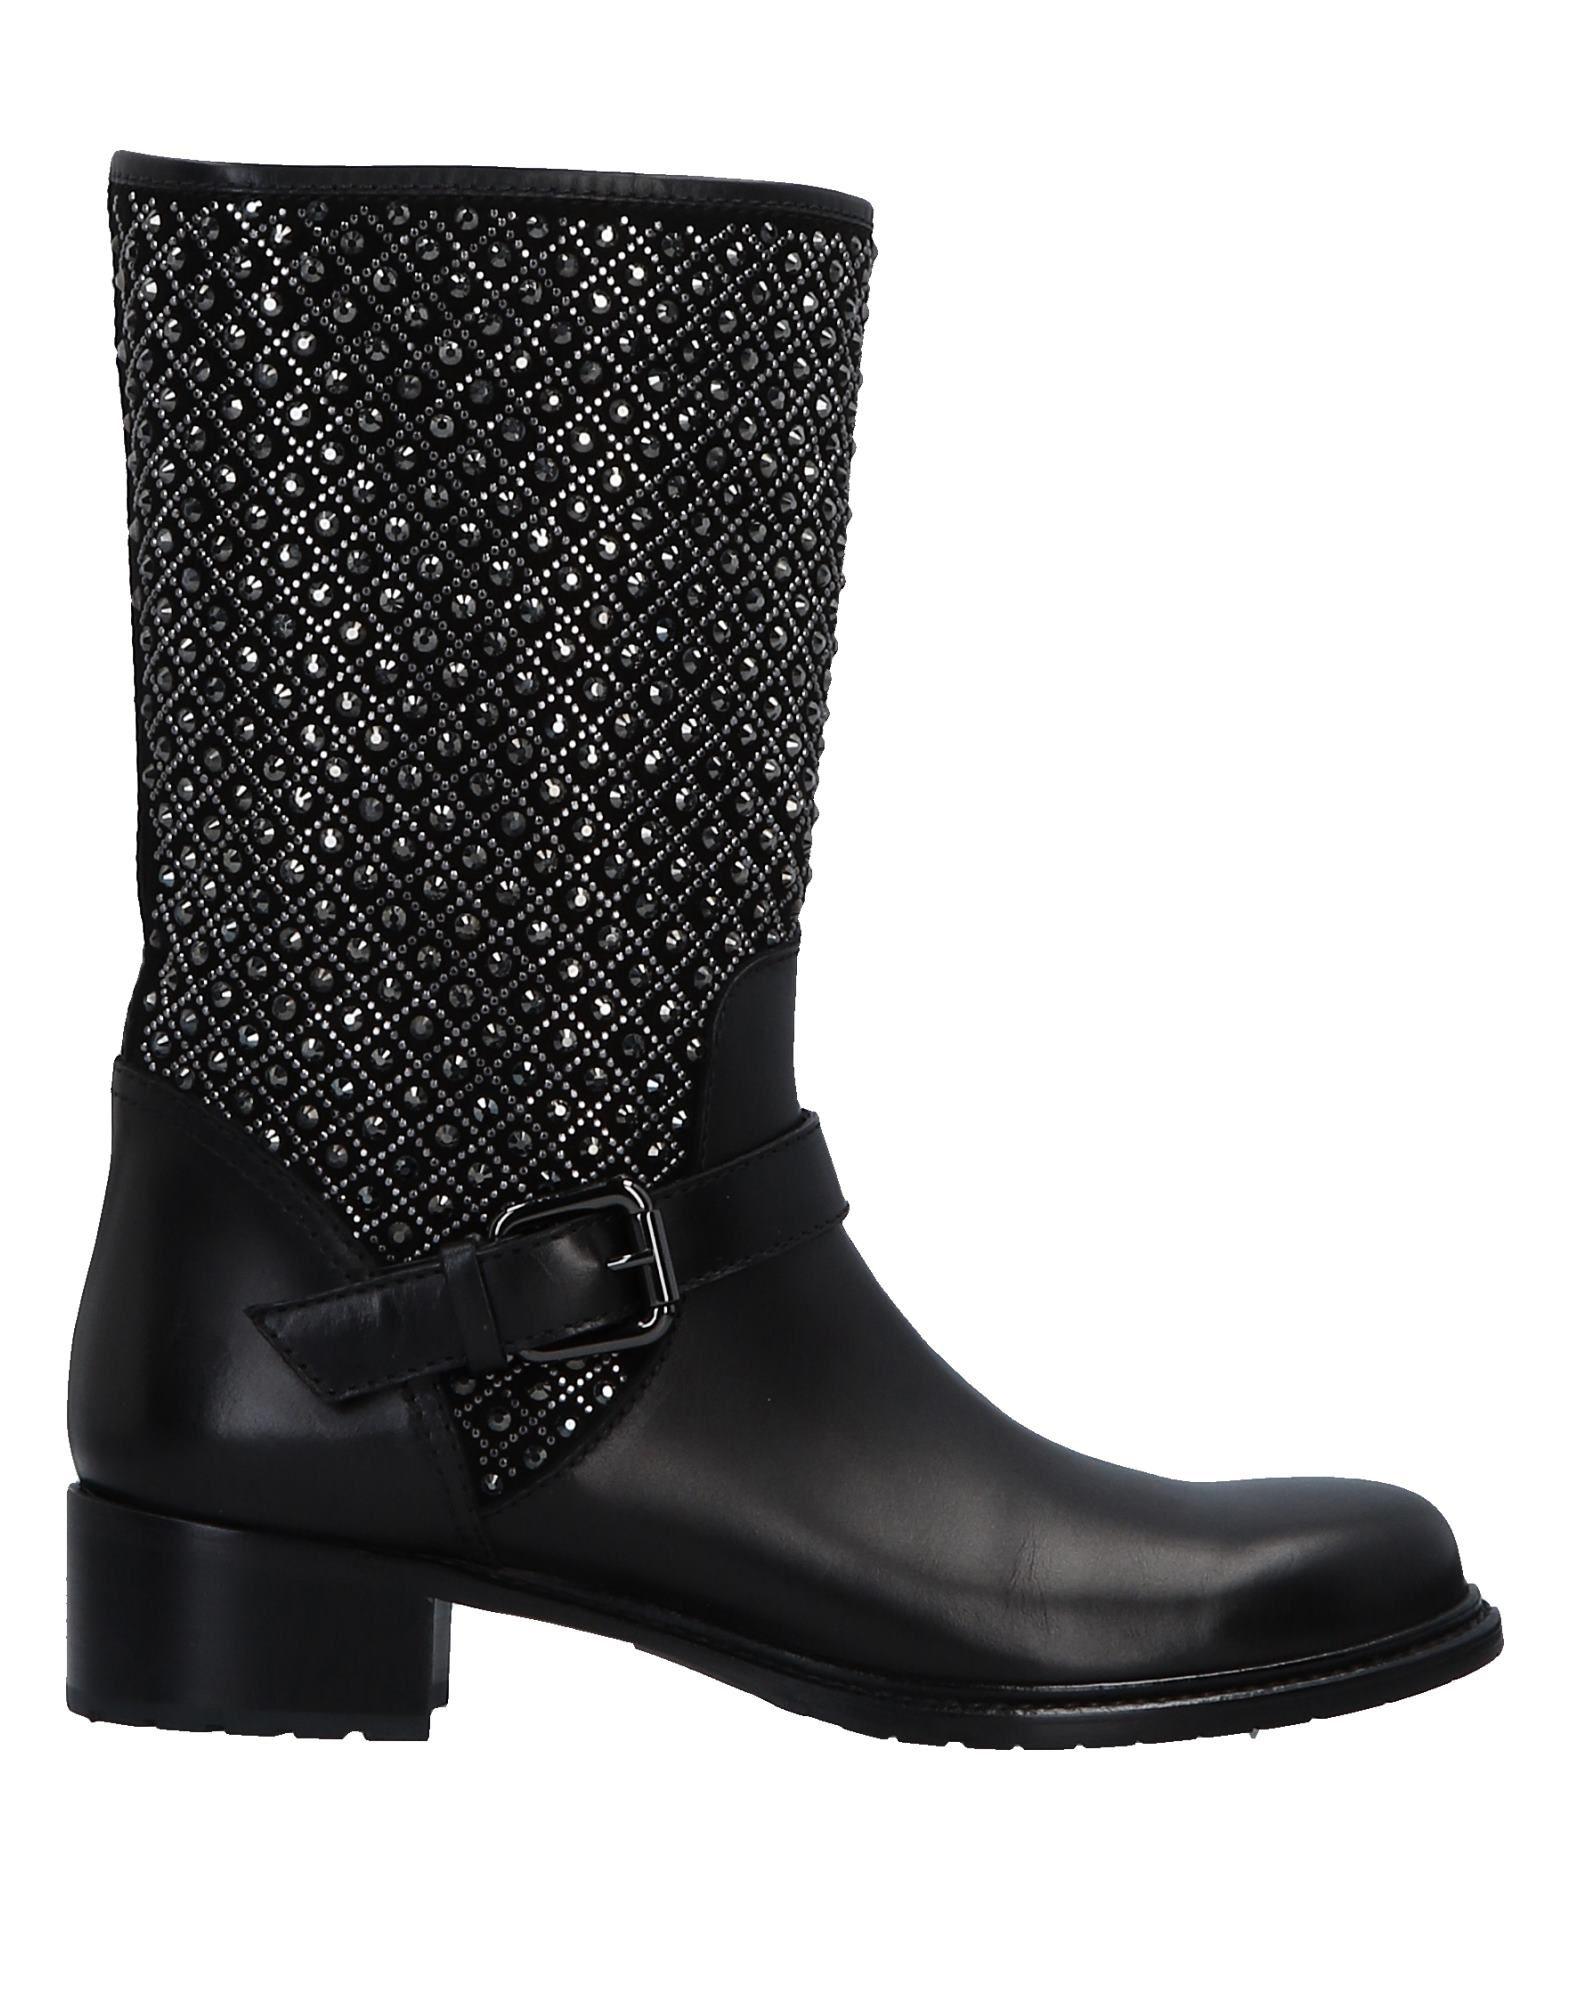 Sneakers Desigual Donna - 11439154LA Scarpe economiche e buone